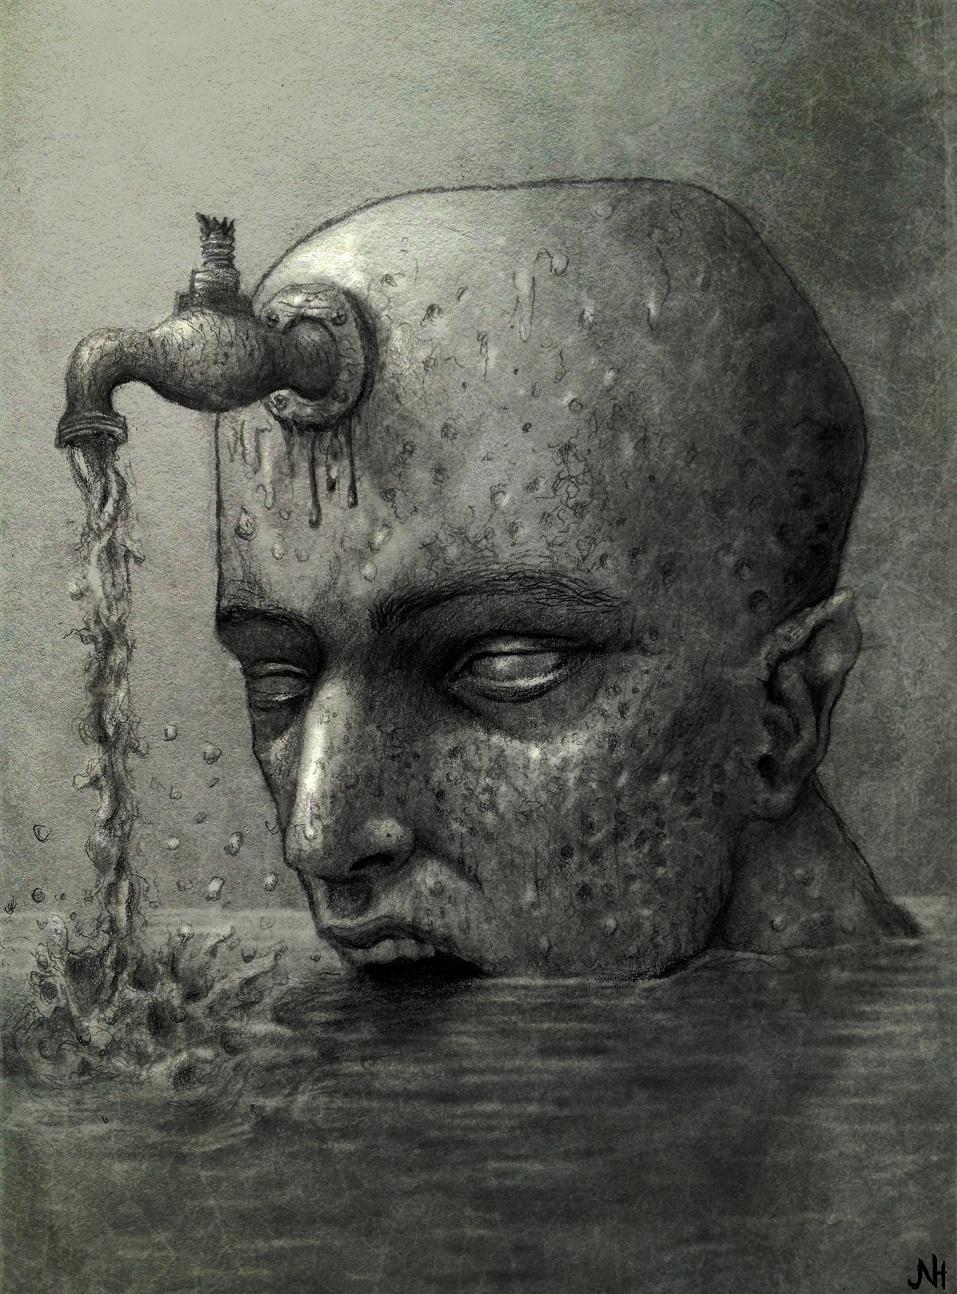 Drink/Drown